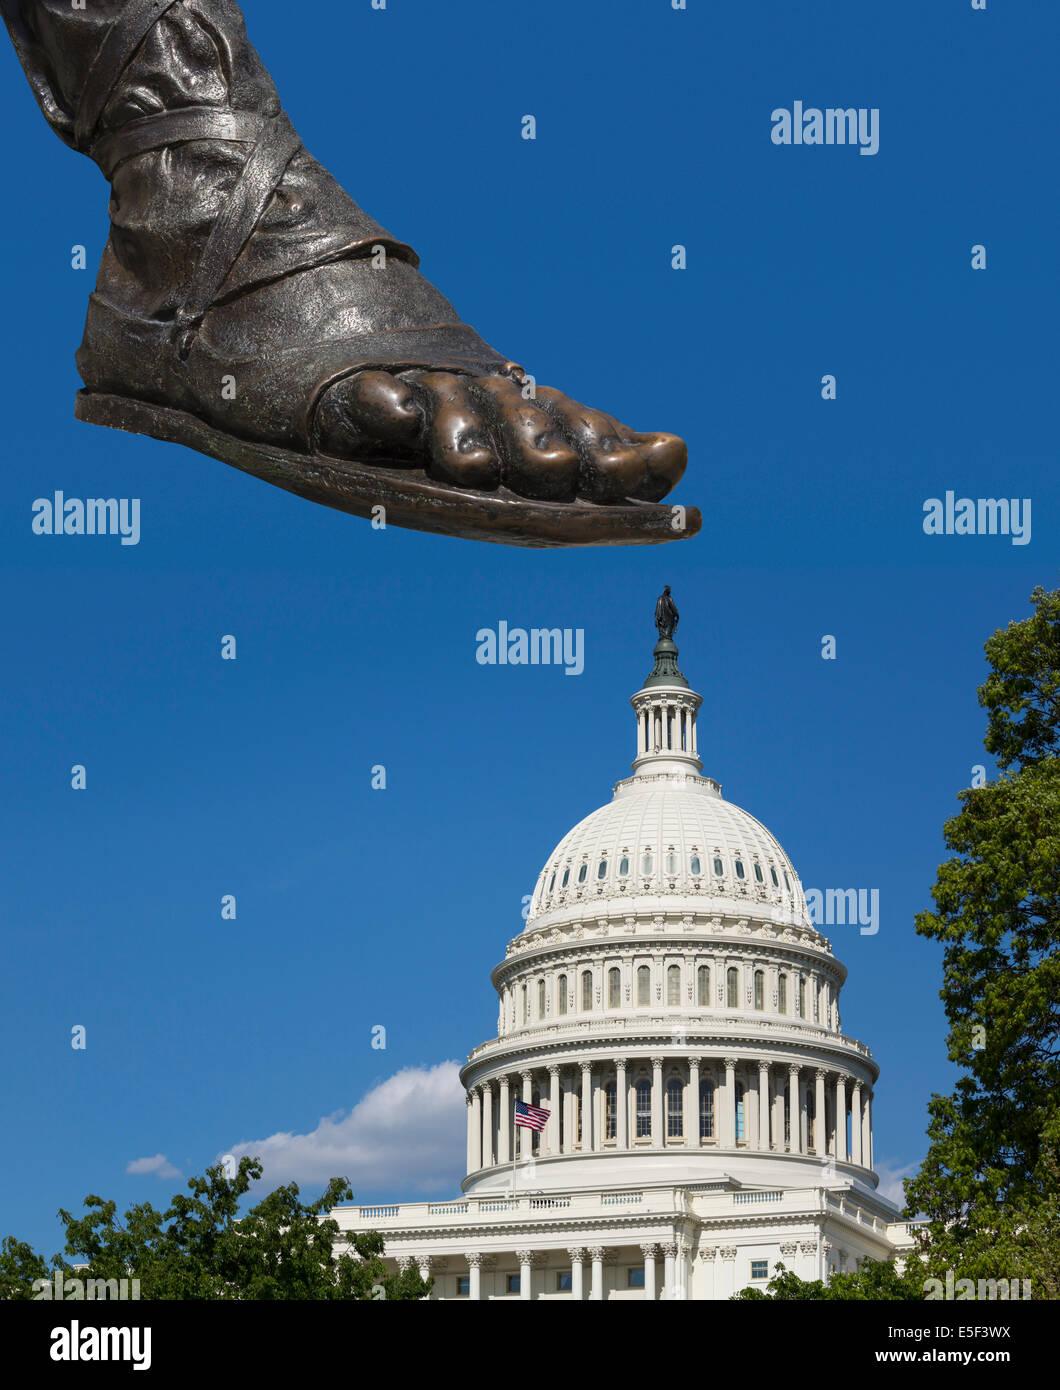 Fuß einer Statue Stempeln auf dem Kapitol Kuppel, Washington DC, USA - Ablehnung der Regierung Konzept Stockbild